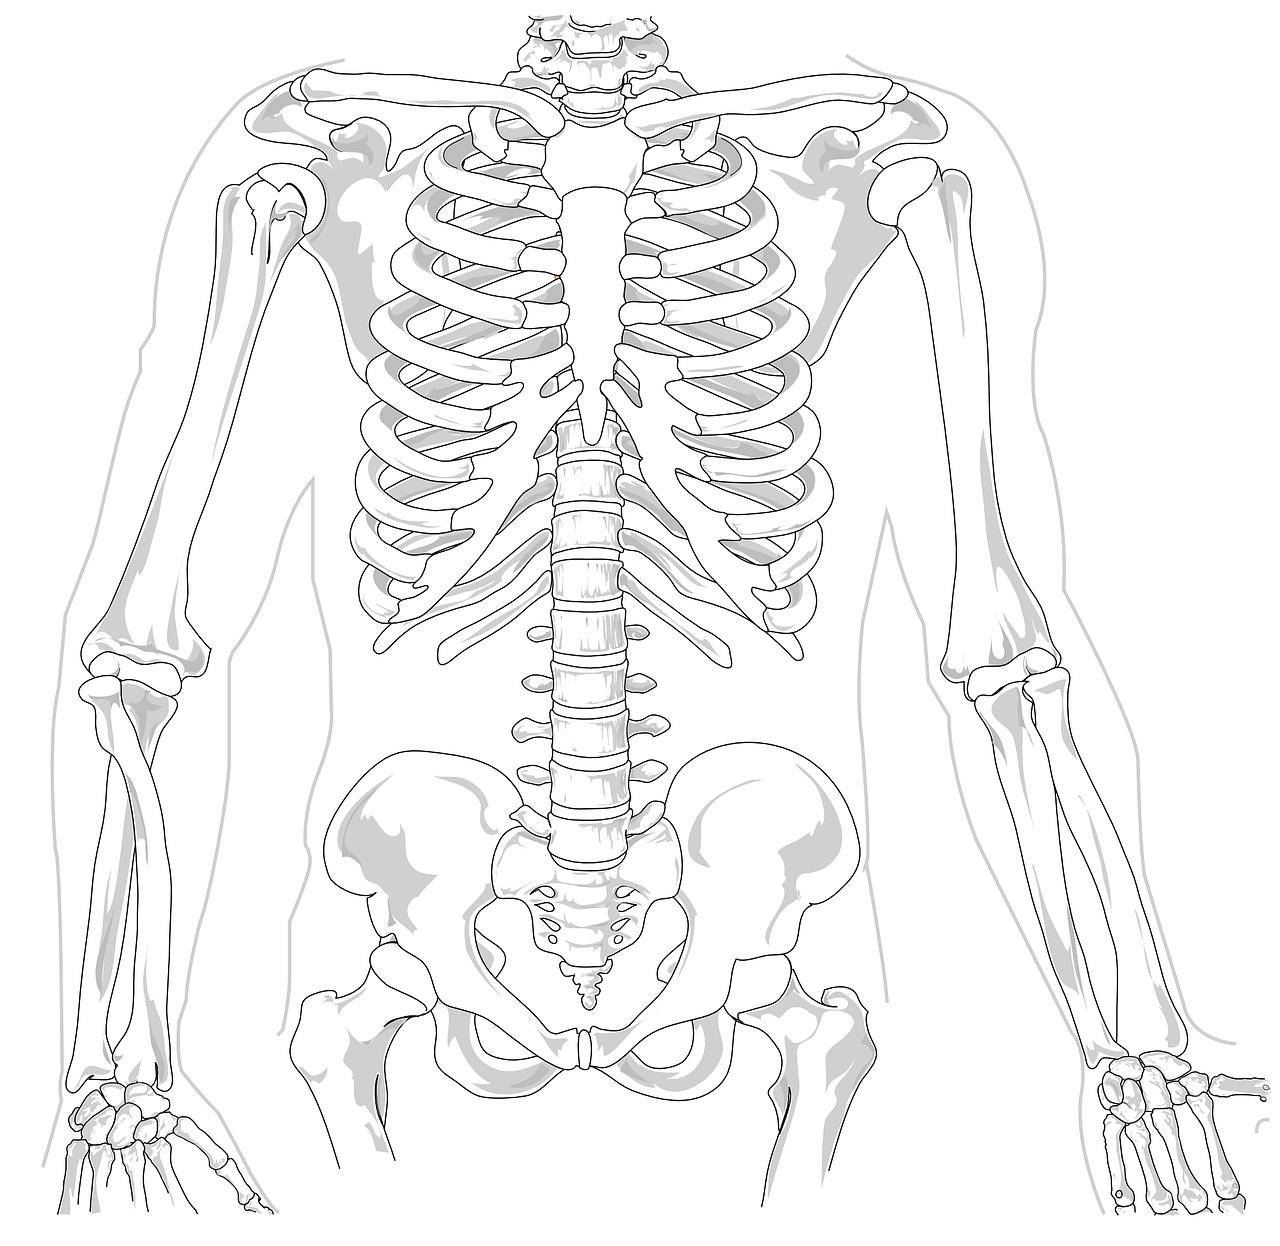 Immagine dello scheletro umano